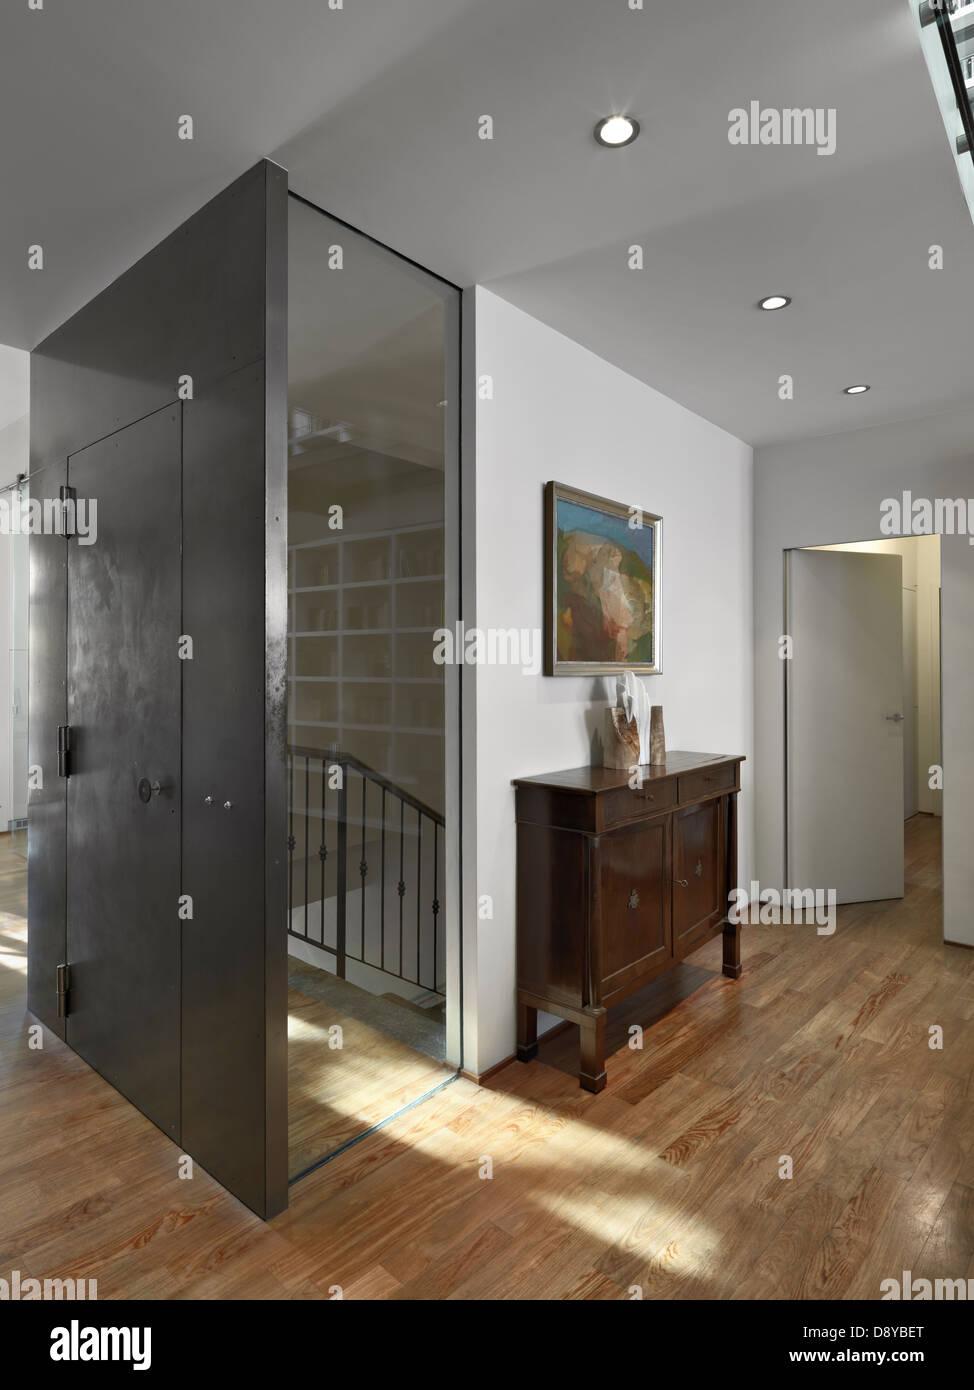 Strano ingresso moderno con mobili antichi e pavimenti in legno Immagini Stock